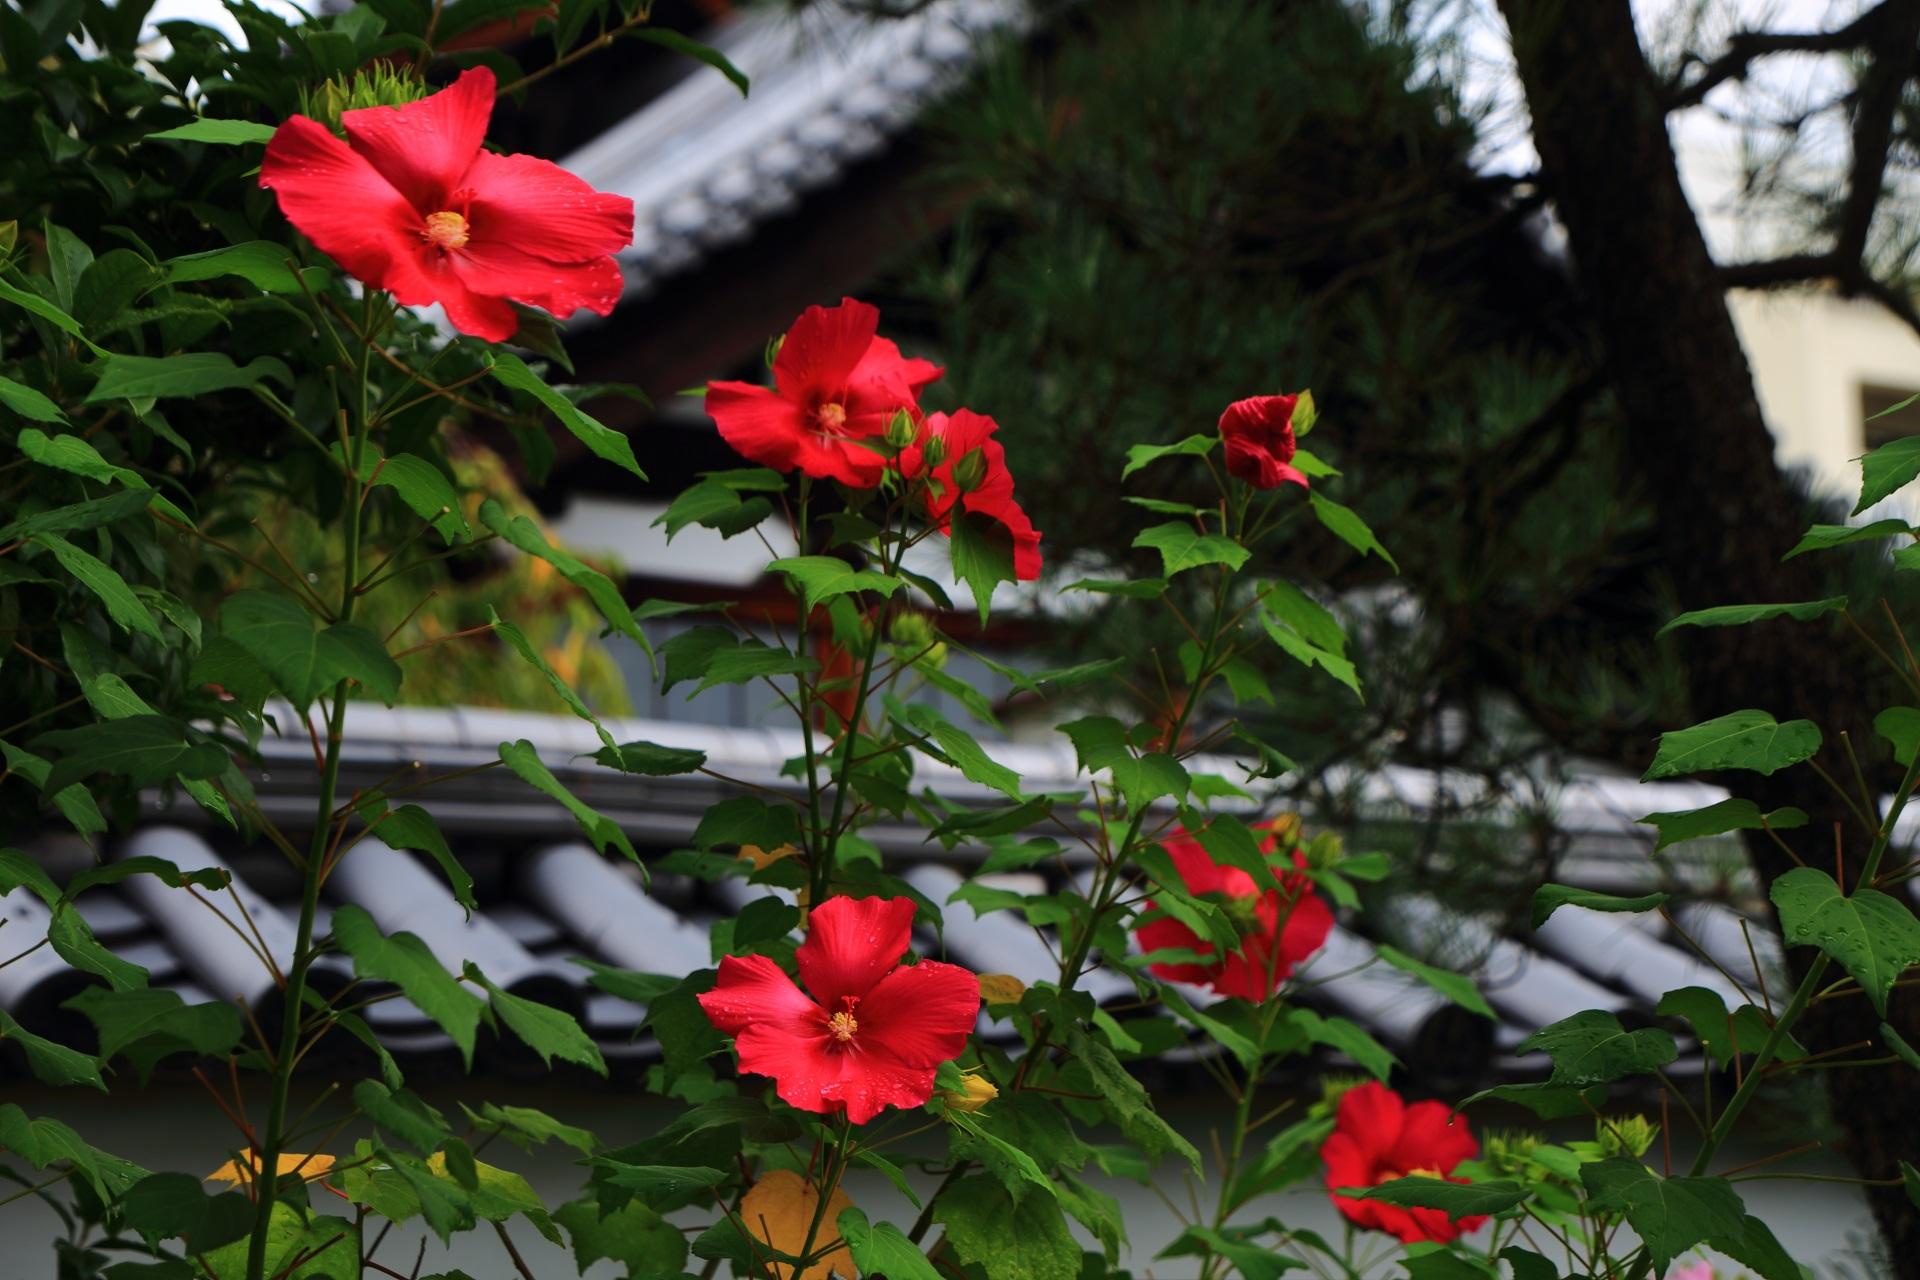 妙蓮寺の鮮やかで妖艶な赤い芙蓉の花